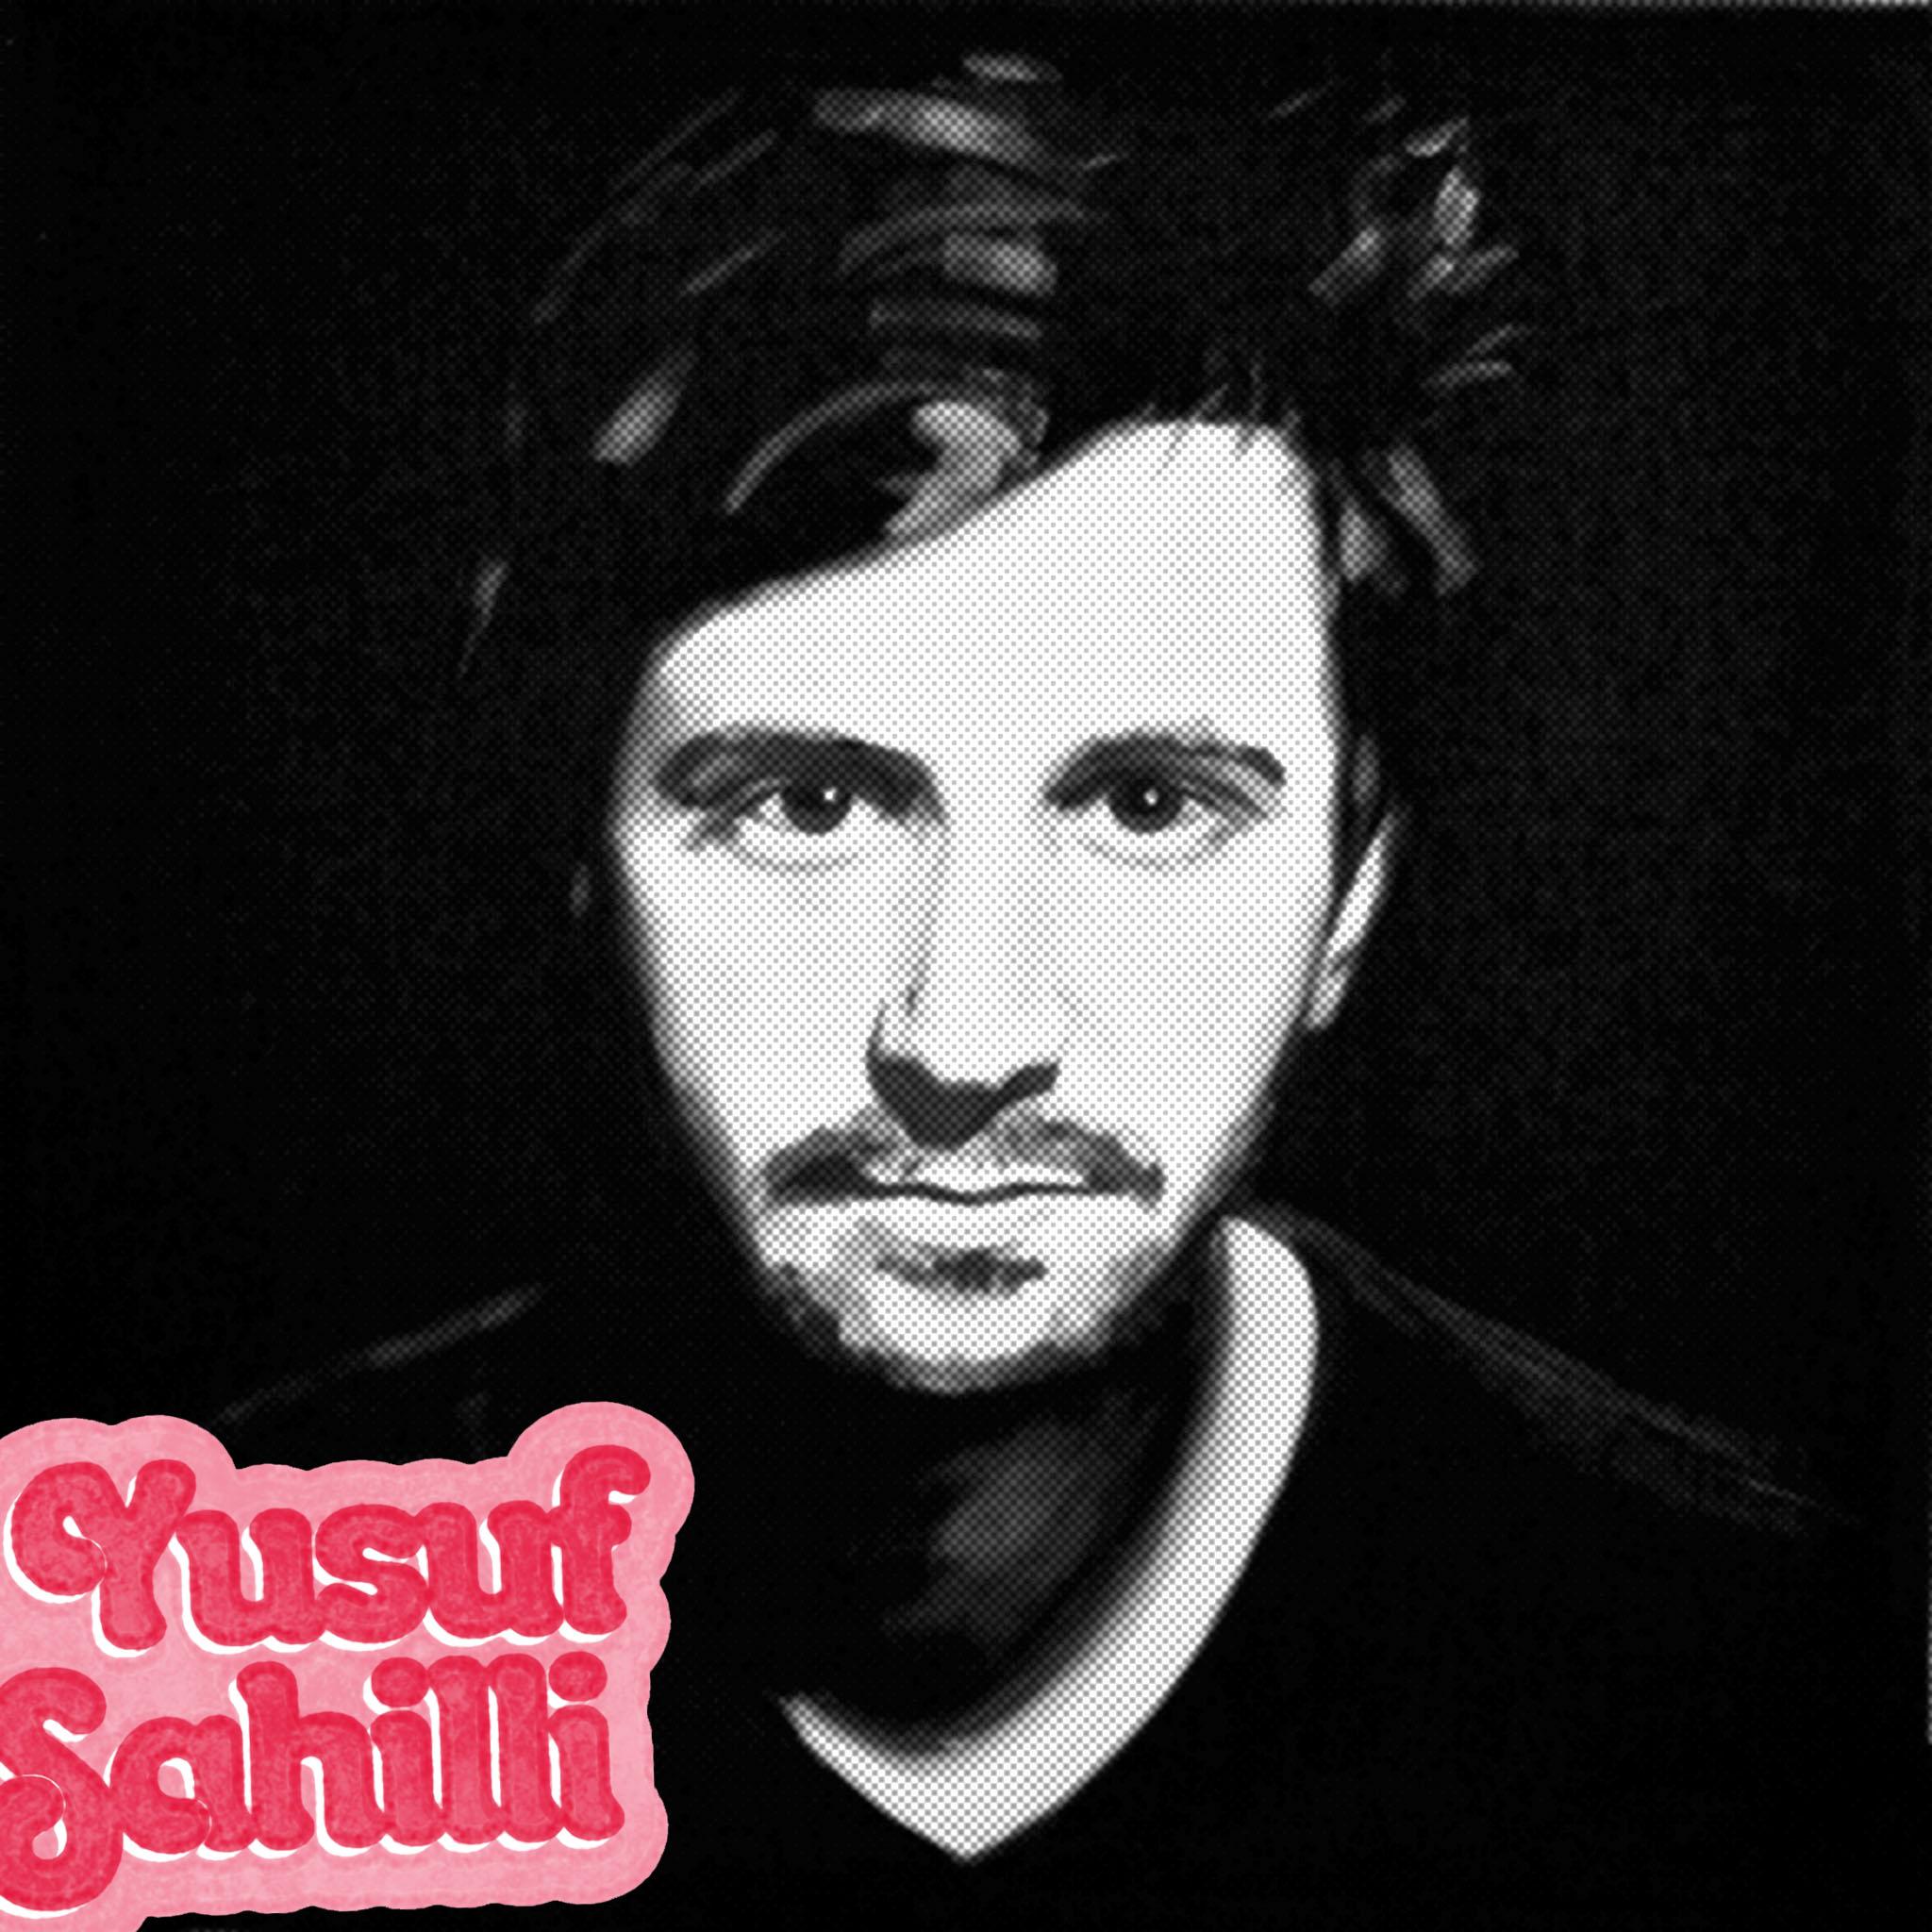 PSAS 2018 | Yusuf Sahilli | Lineup